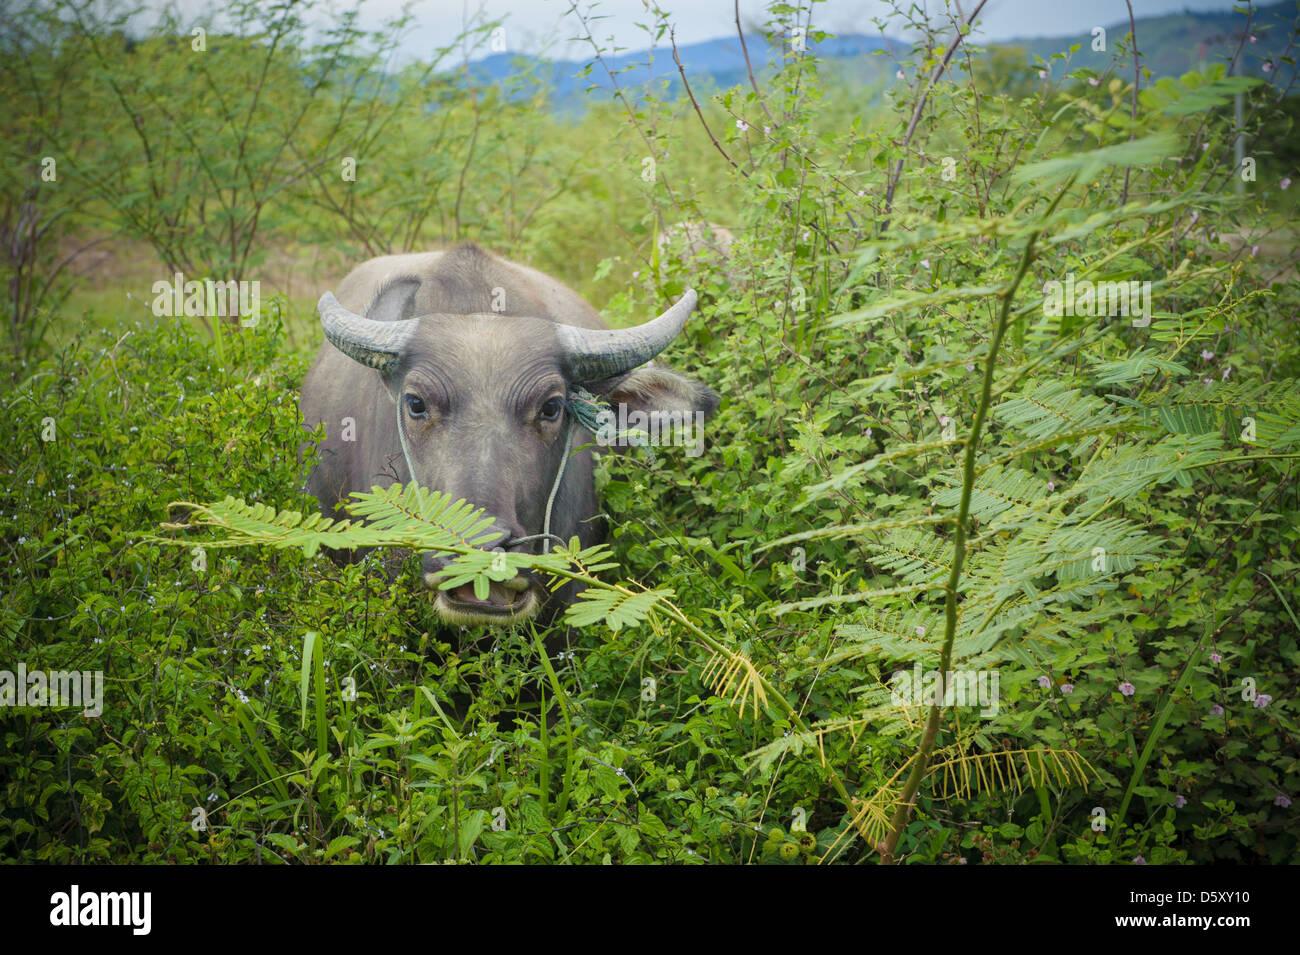 Buffalo, Sumatra, Indonesia - Stock Image